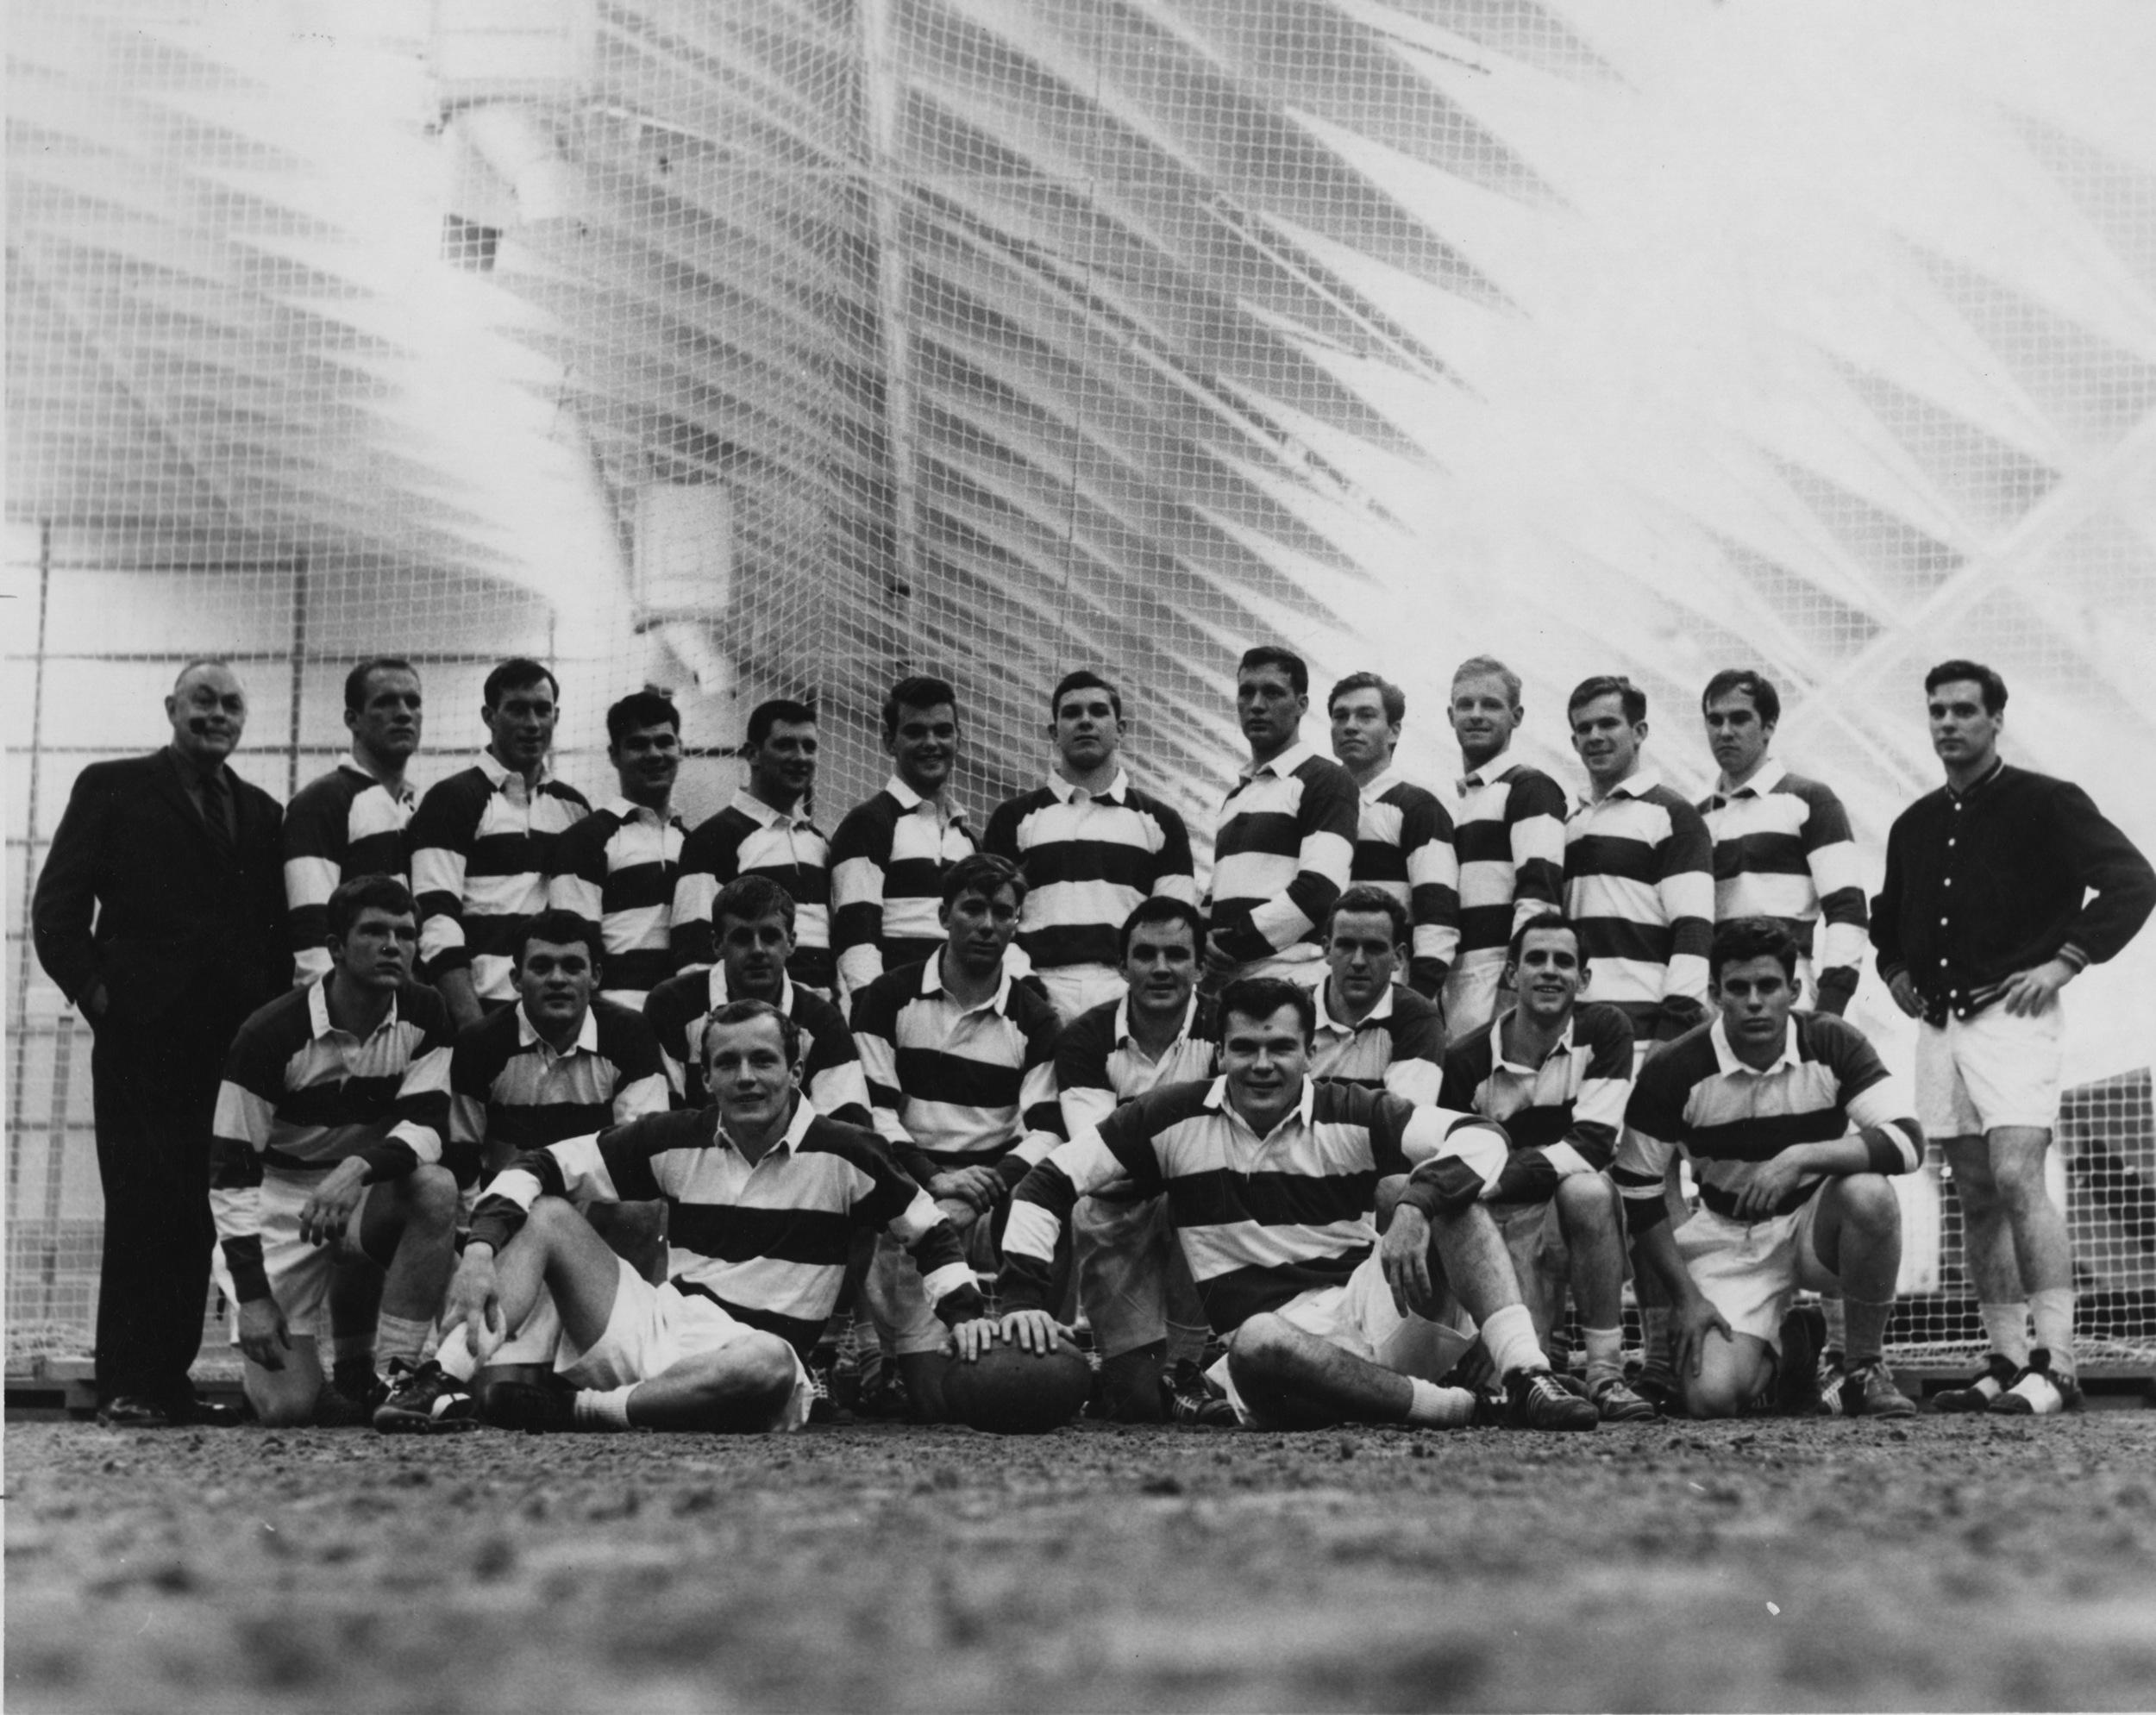 1964 team leverone_RugbyI_8.jpg